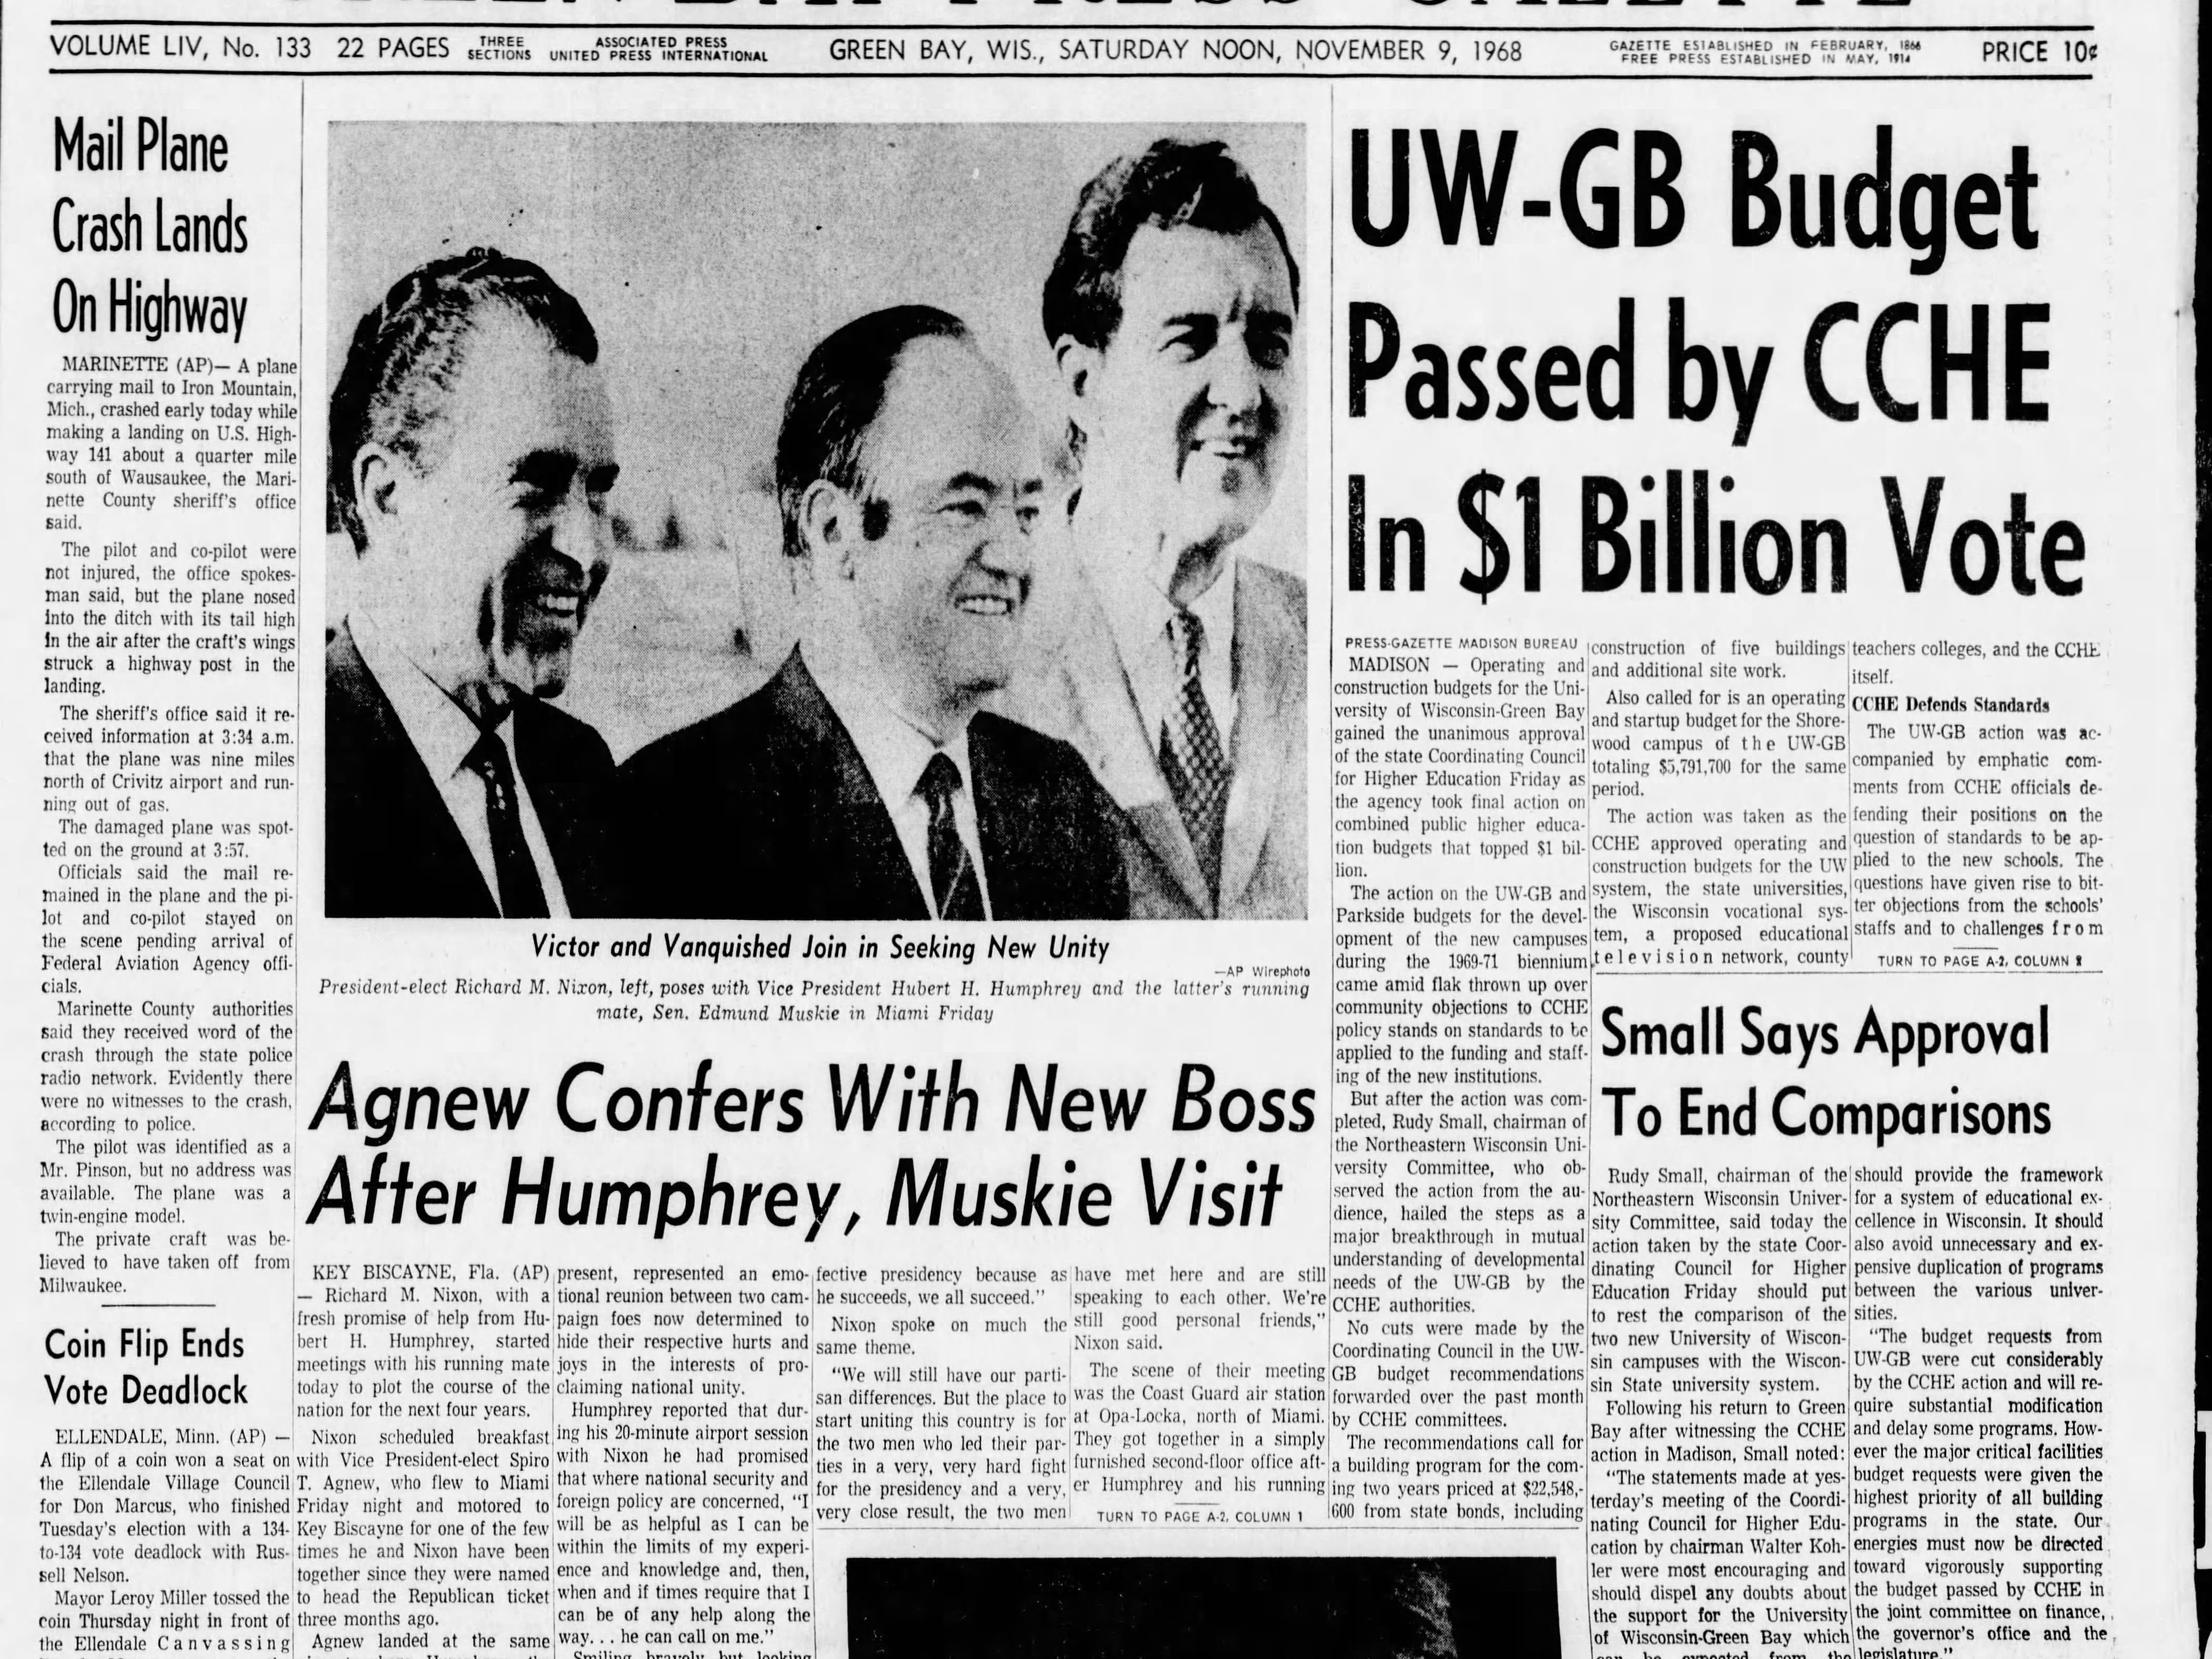 Today in History: Nov. 9, 1968